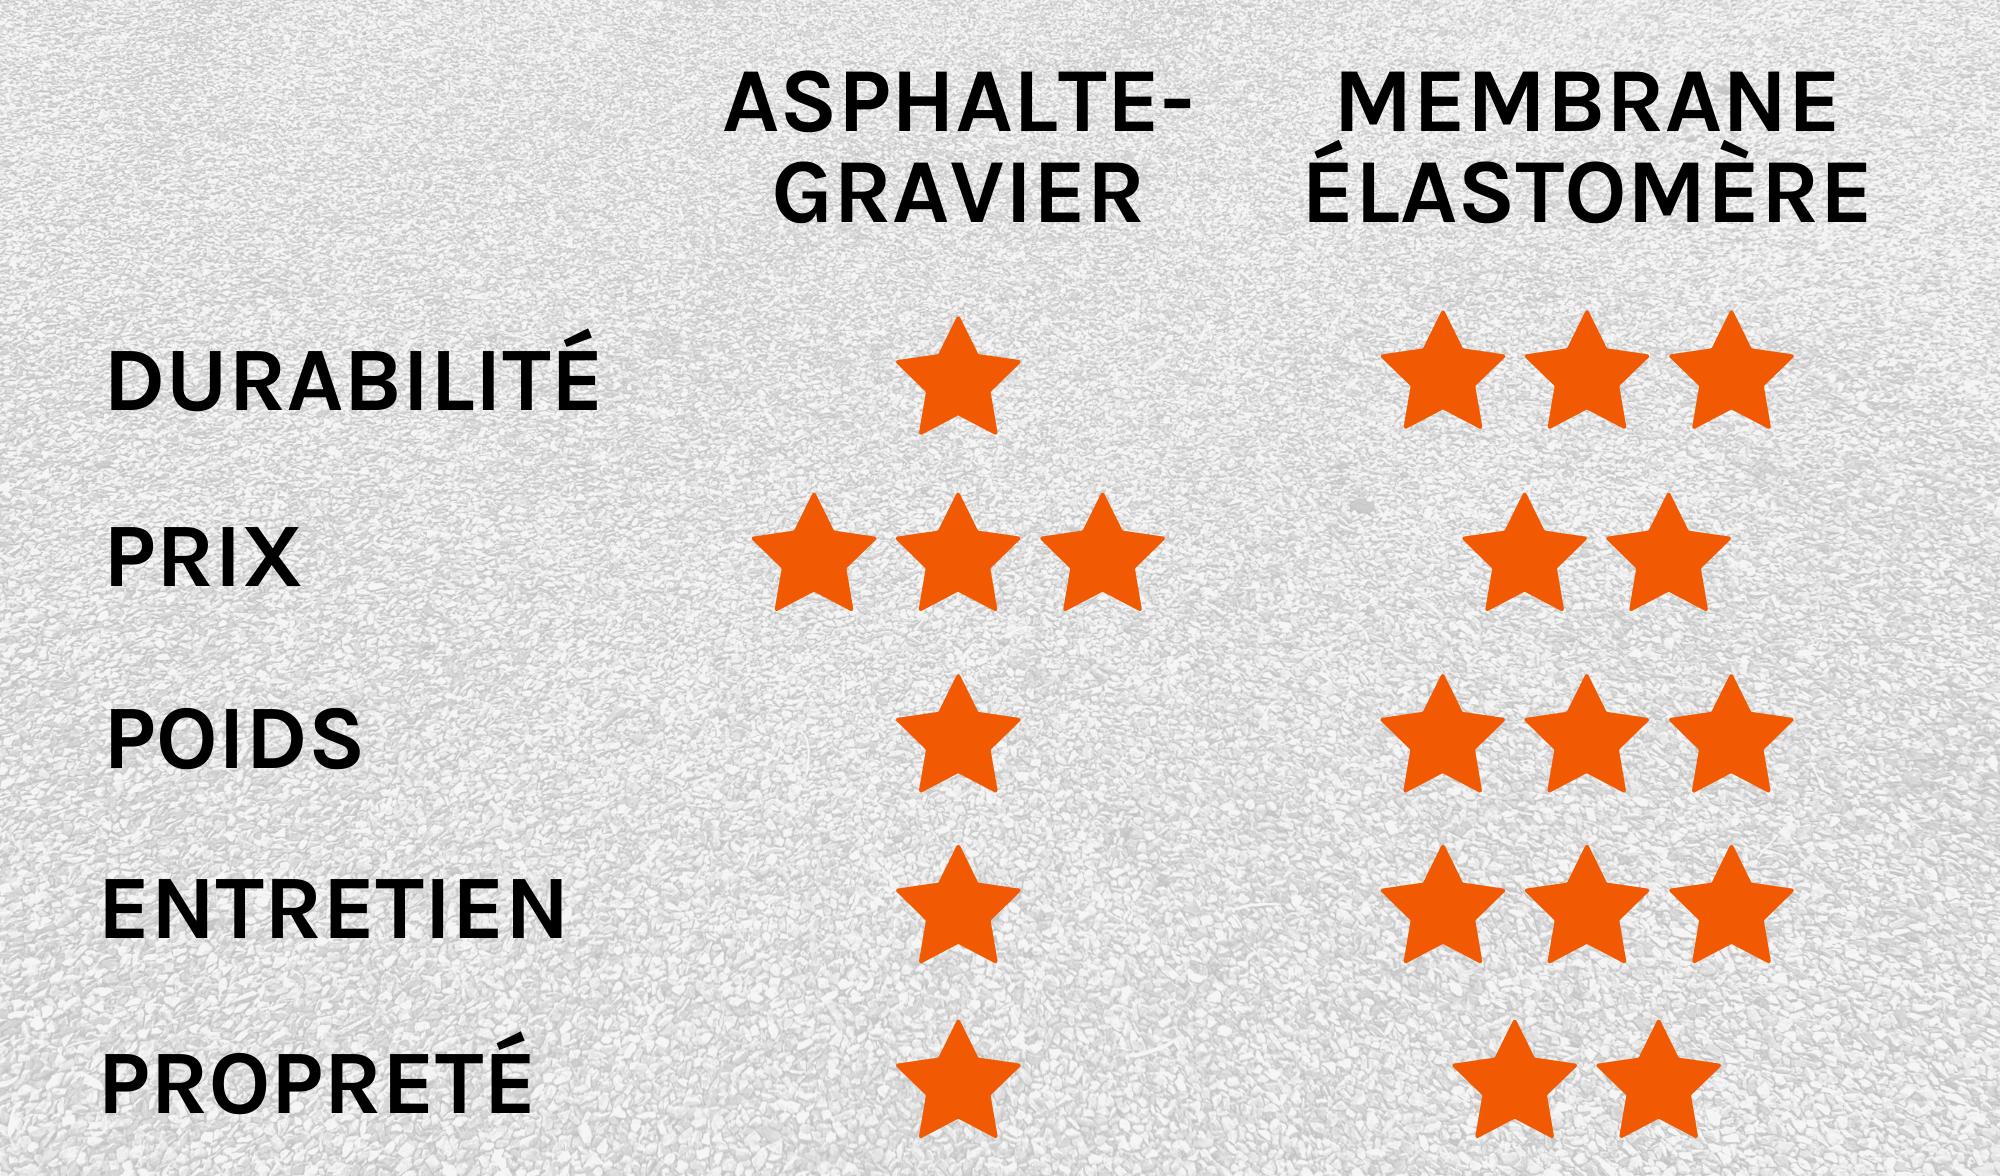 Comparaison entre asphalte-gravier et membrane élastomère